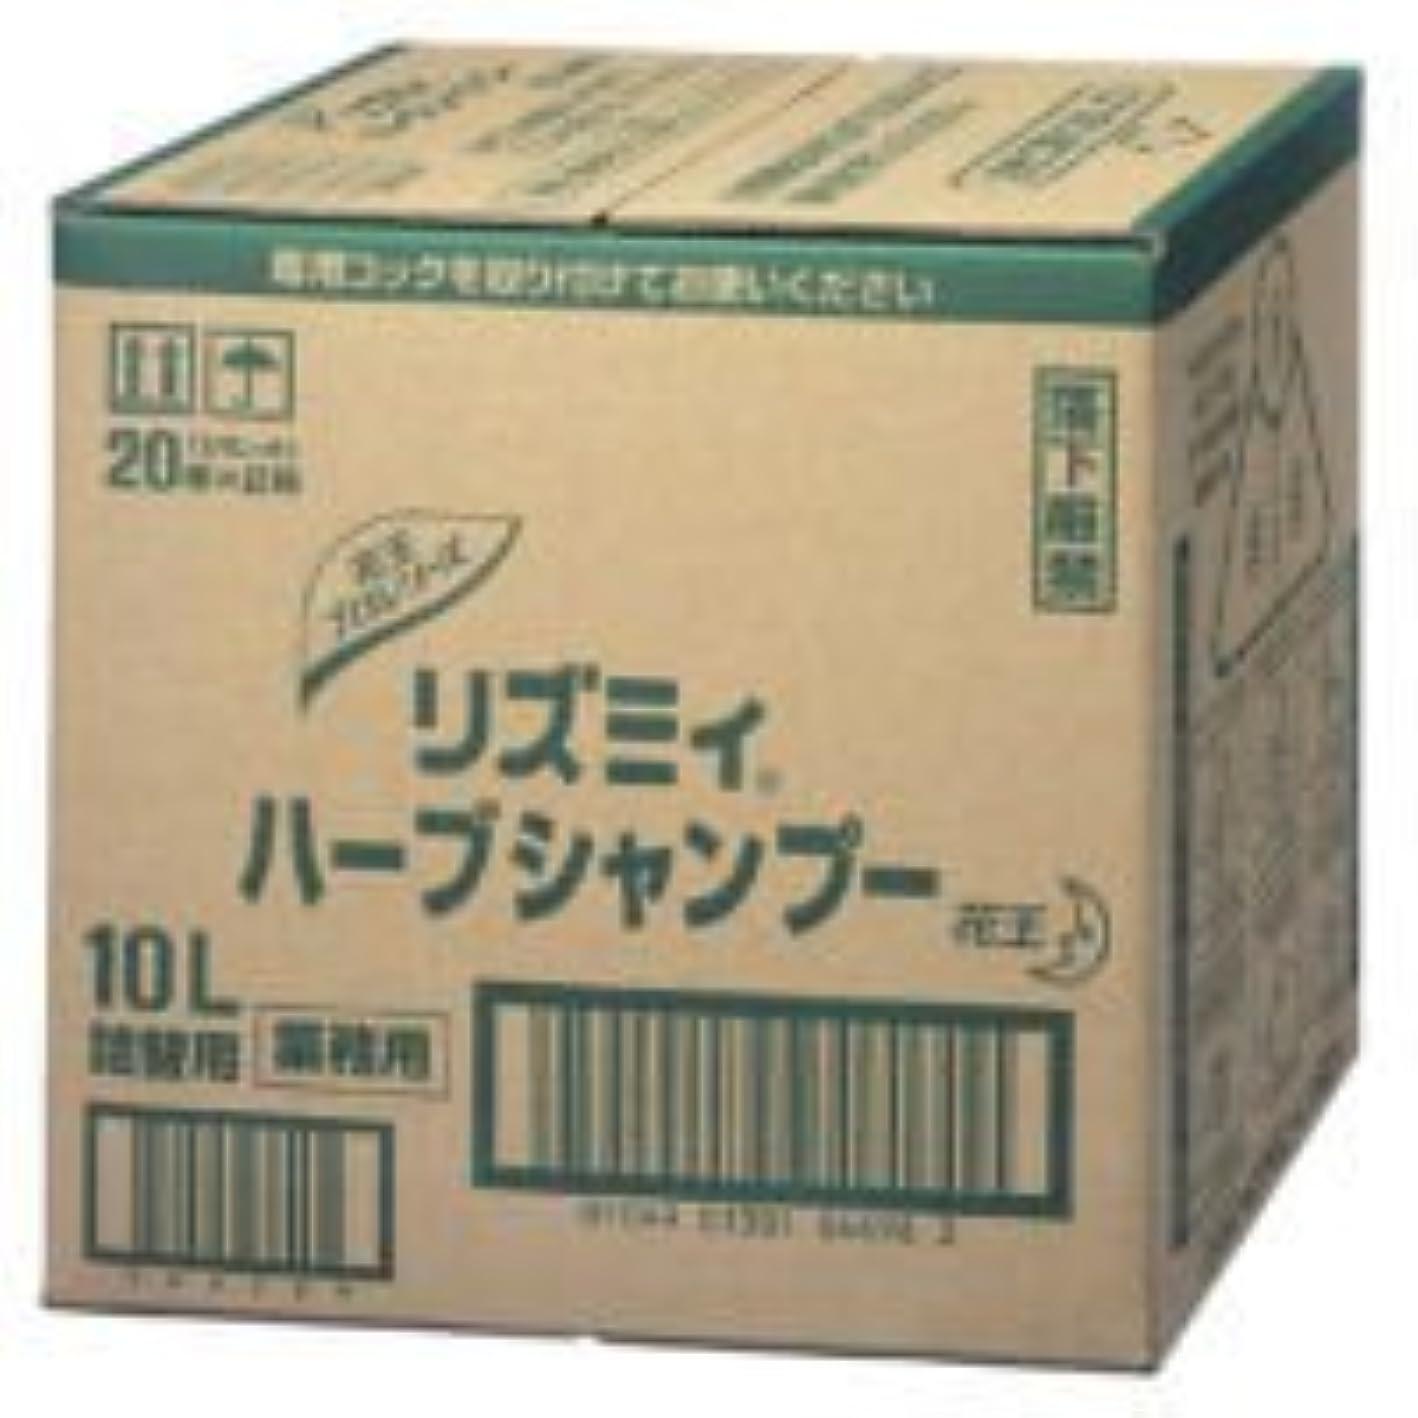 敵意高速道路麺花王 リズミィ ハーブシャンプー 10L 業務用